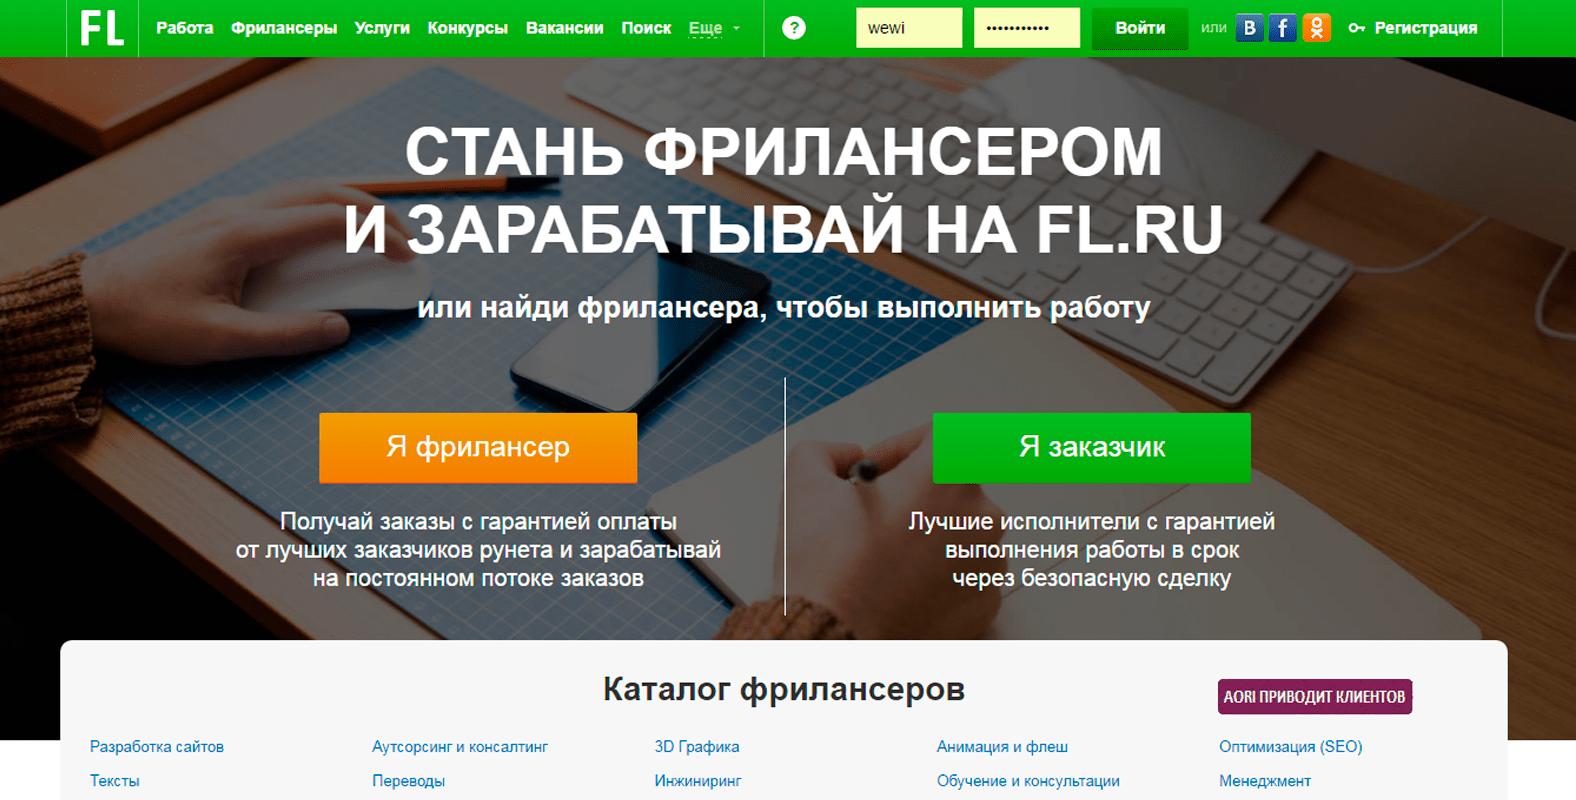 Фрилансовая биржа FL ru